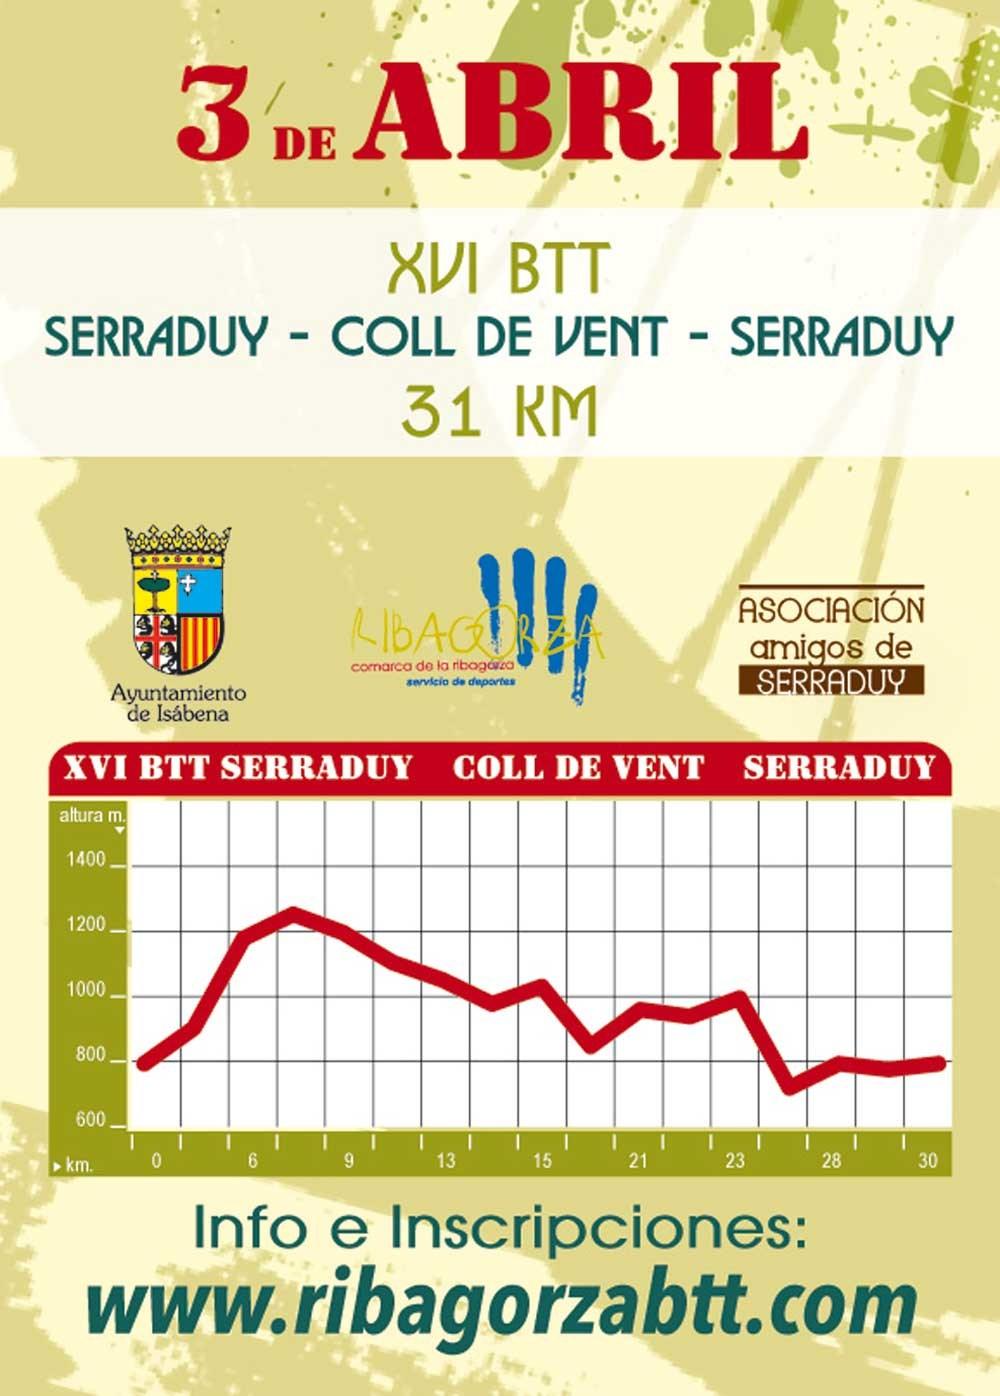 XVI BTT SERRADUY - COLL DE VENT -  SERRADUY - Inscreva-se